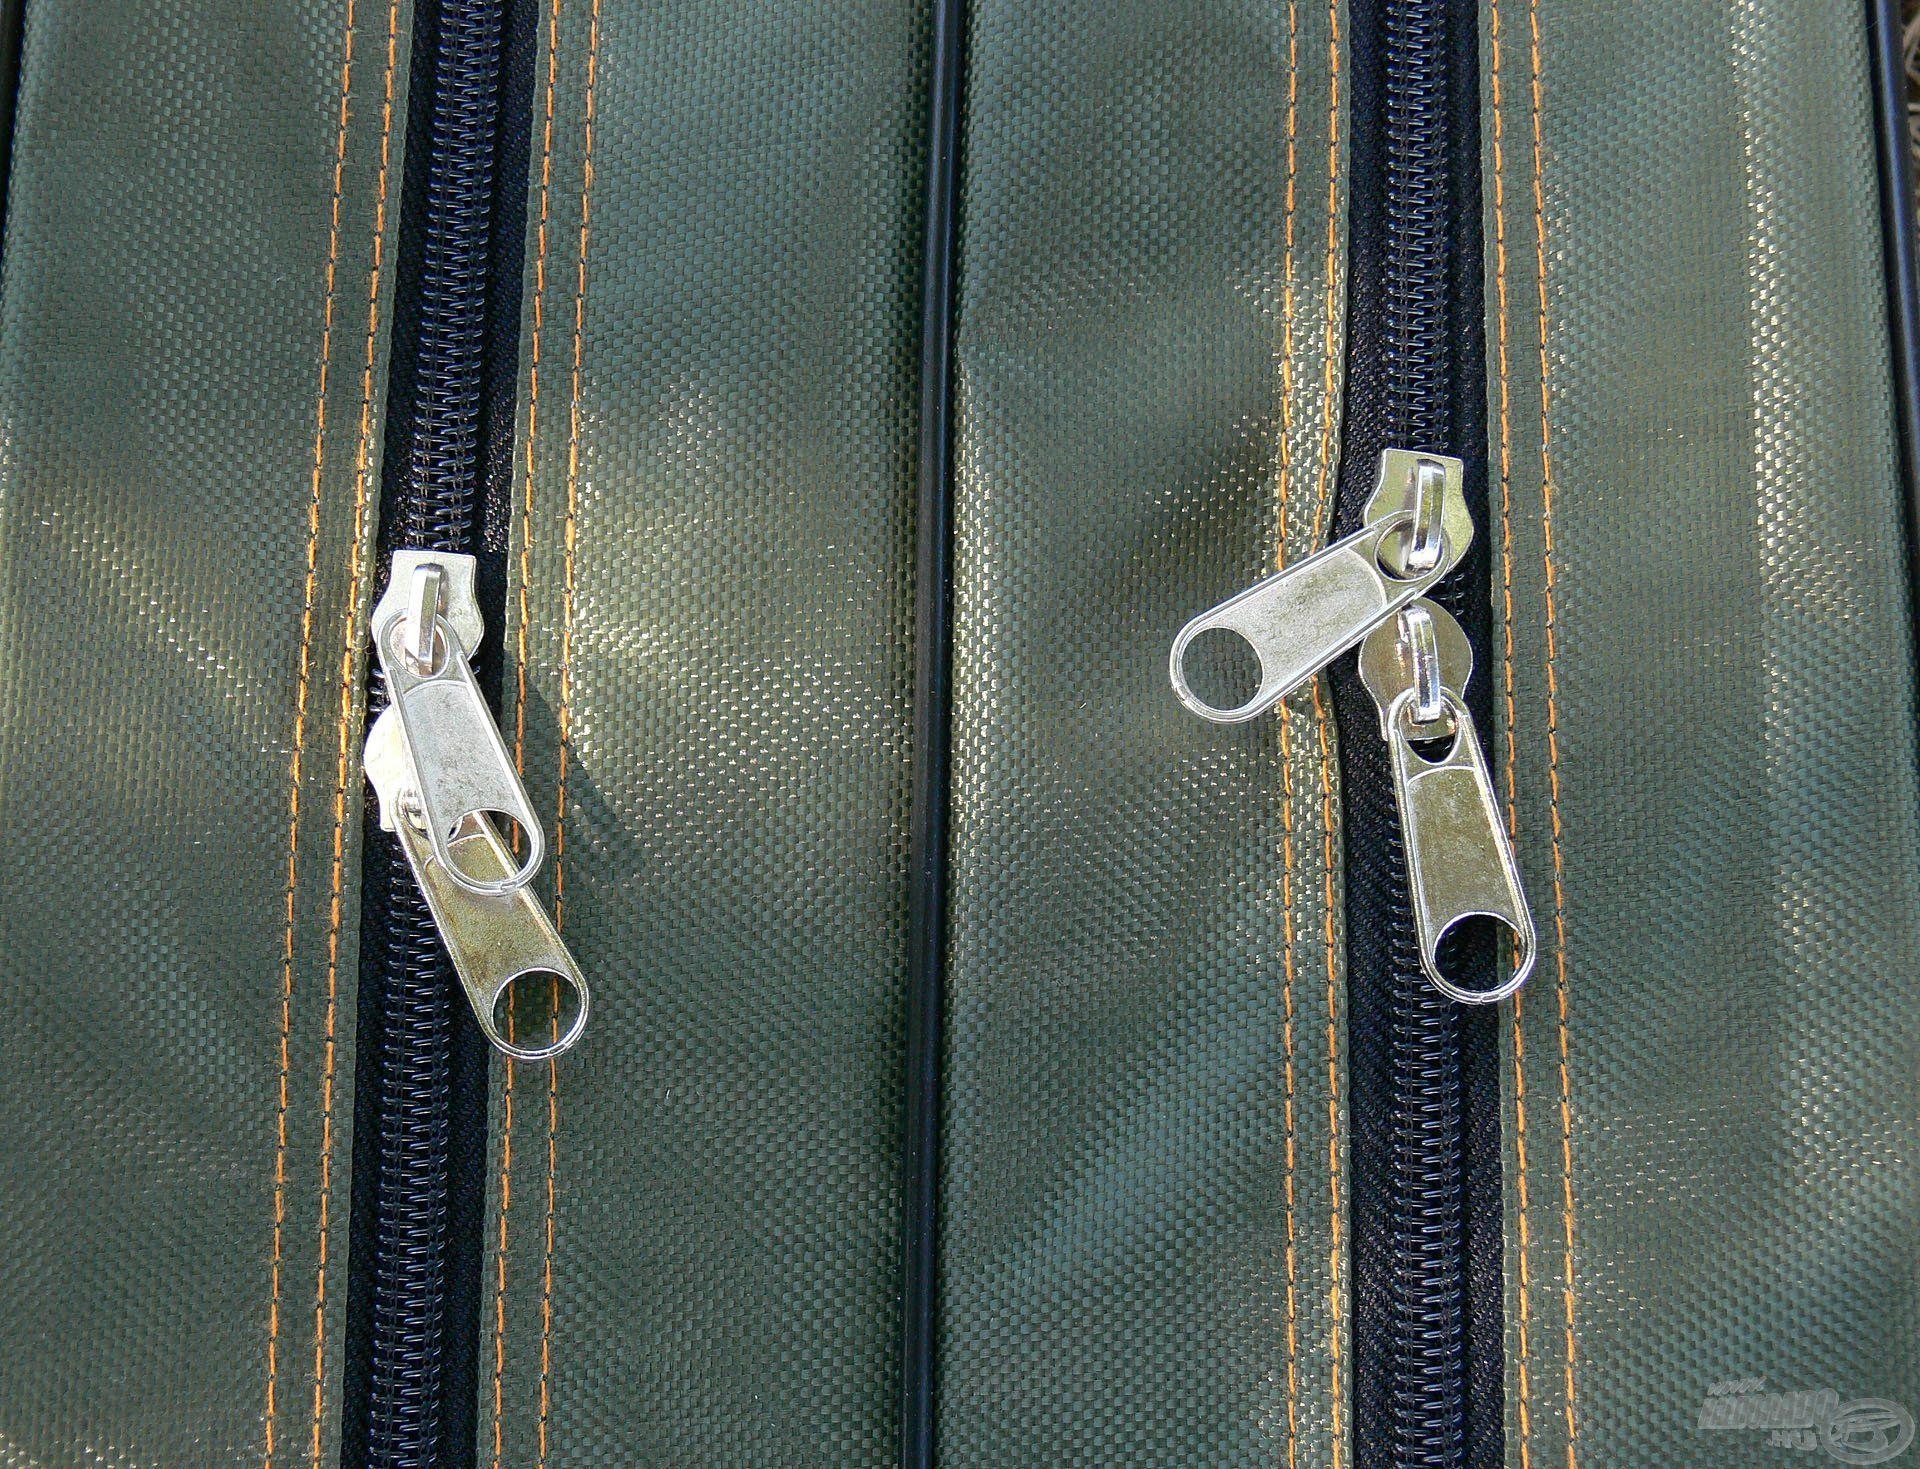 Erős, dupla cipzárak kerültek a táskákra